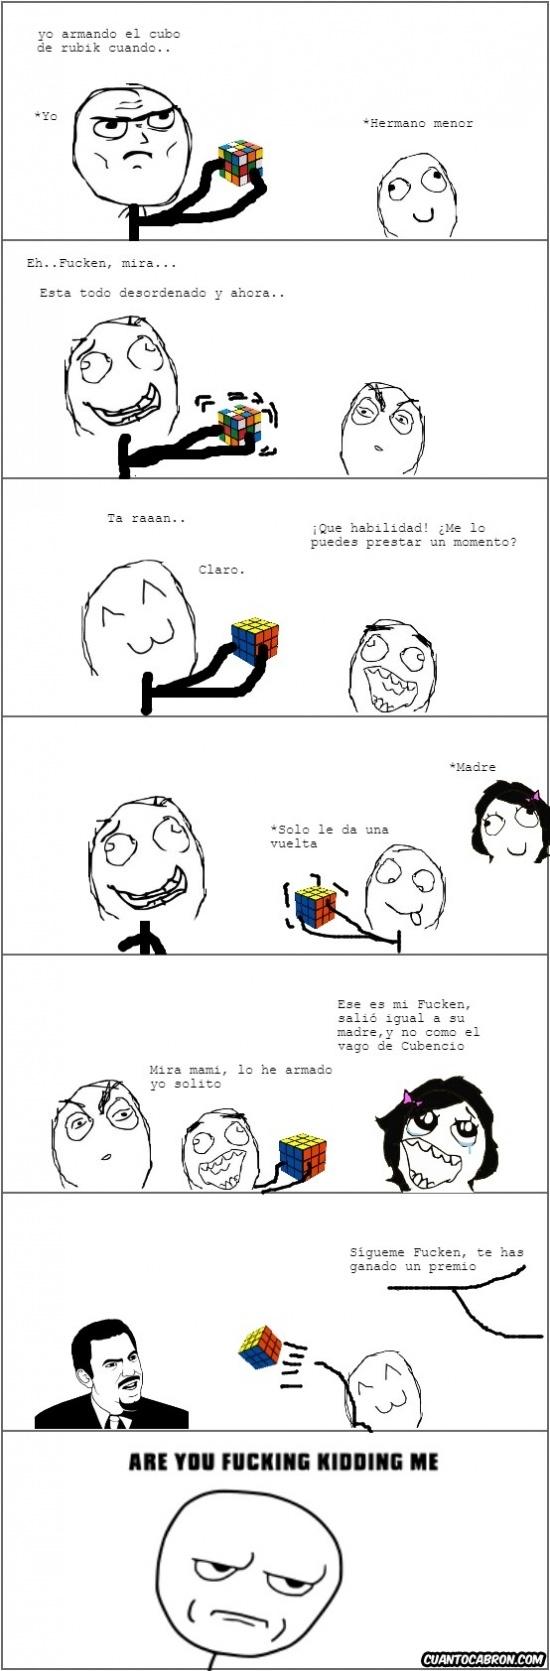 Kidding_me - El mérito atribuido por un cubo de Rubik